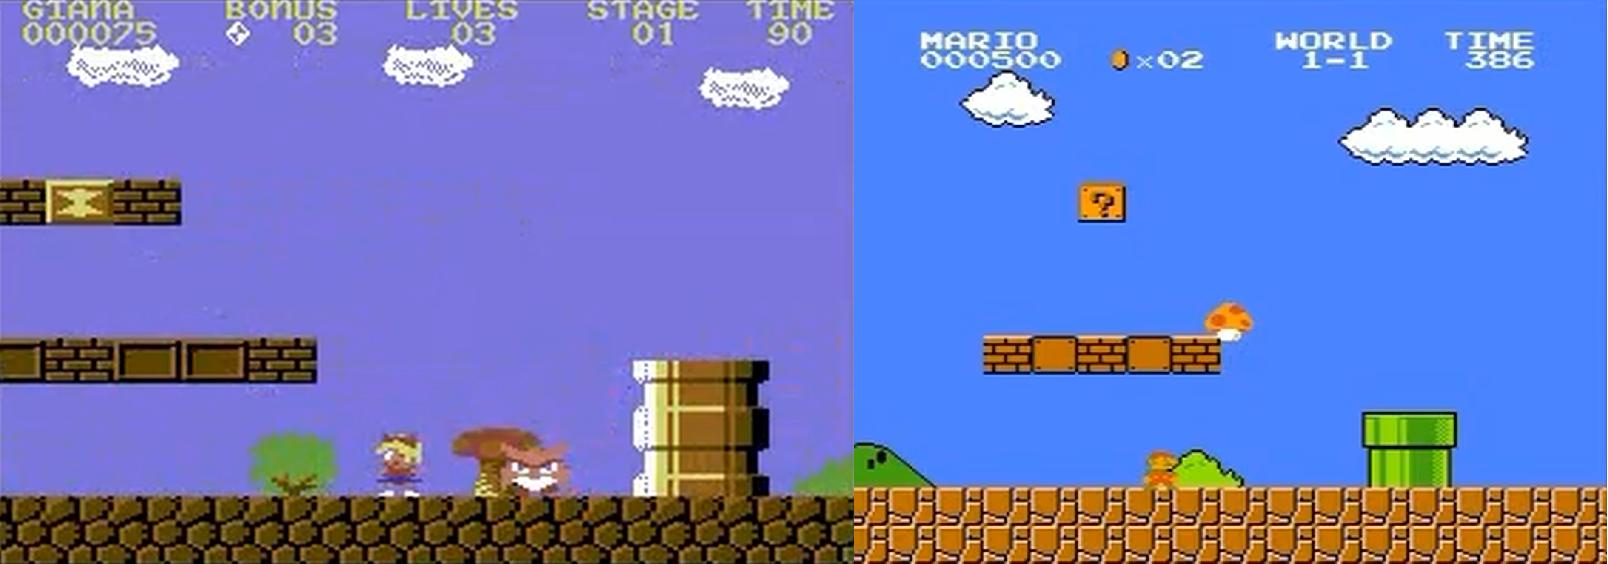 """Die """"Anleihen"""" bei Super Mario Brothers waren doch sehr offensichtlich."""